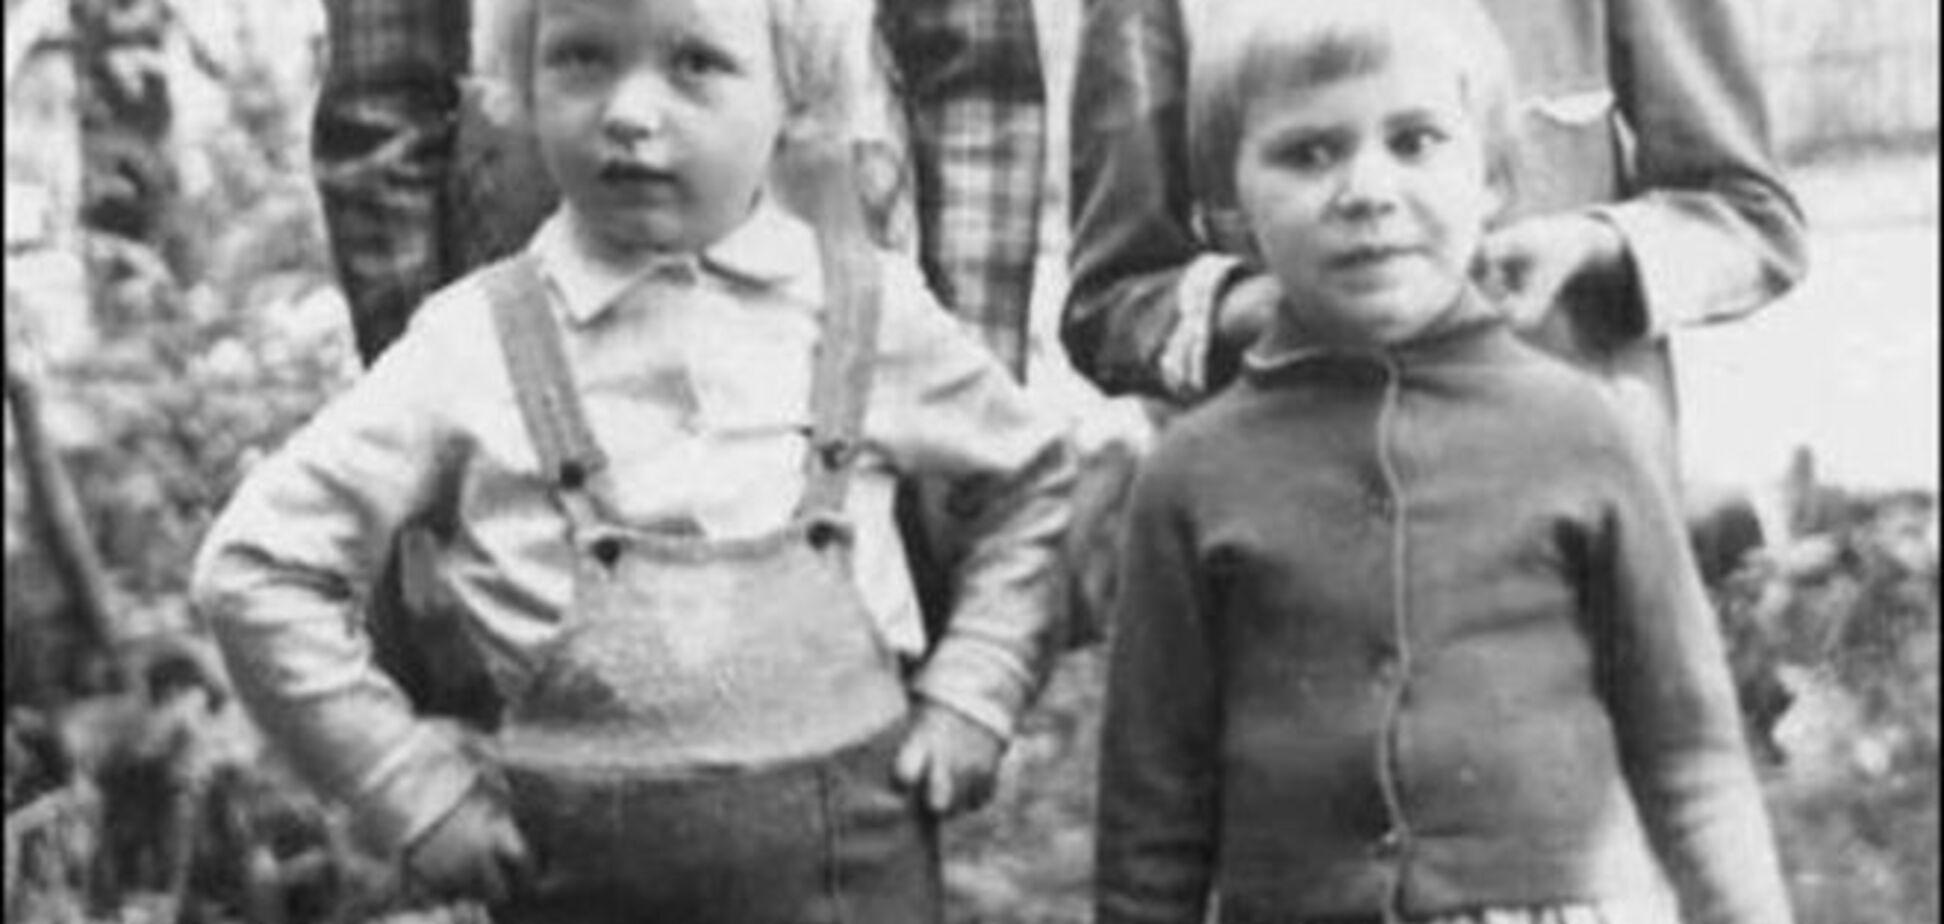 Лучшие детские фото украинских политиков: деловой Яценюк и серьезный мальчик Порошенко